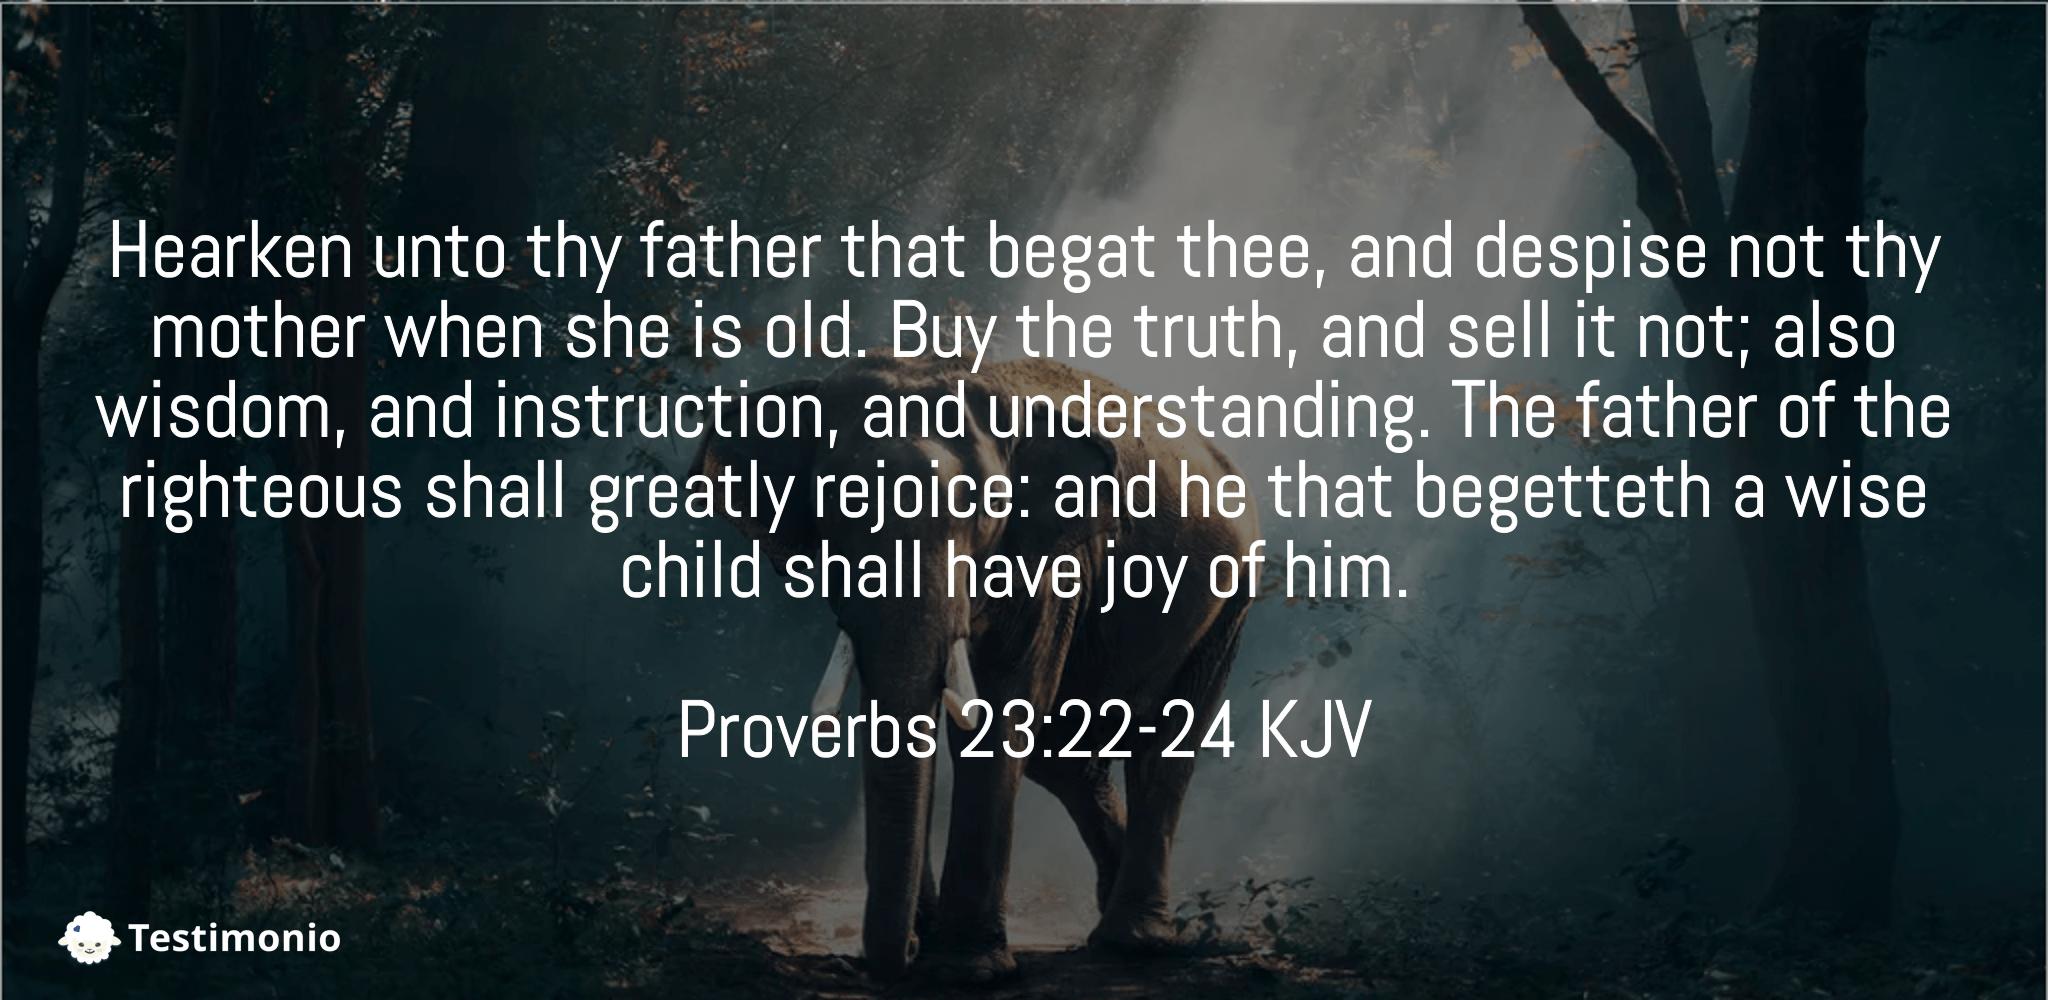 Proverbs 23:22-24